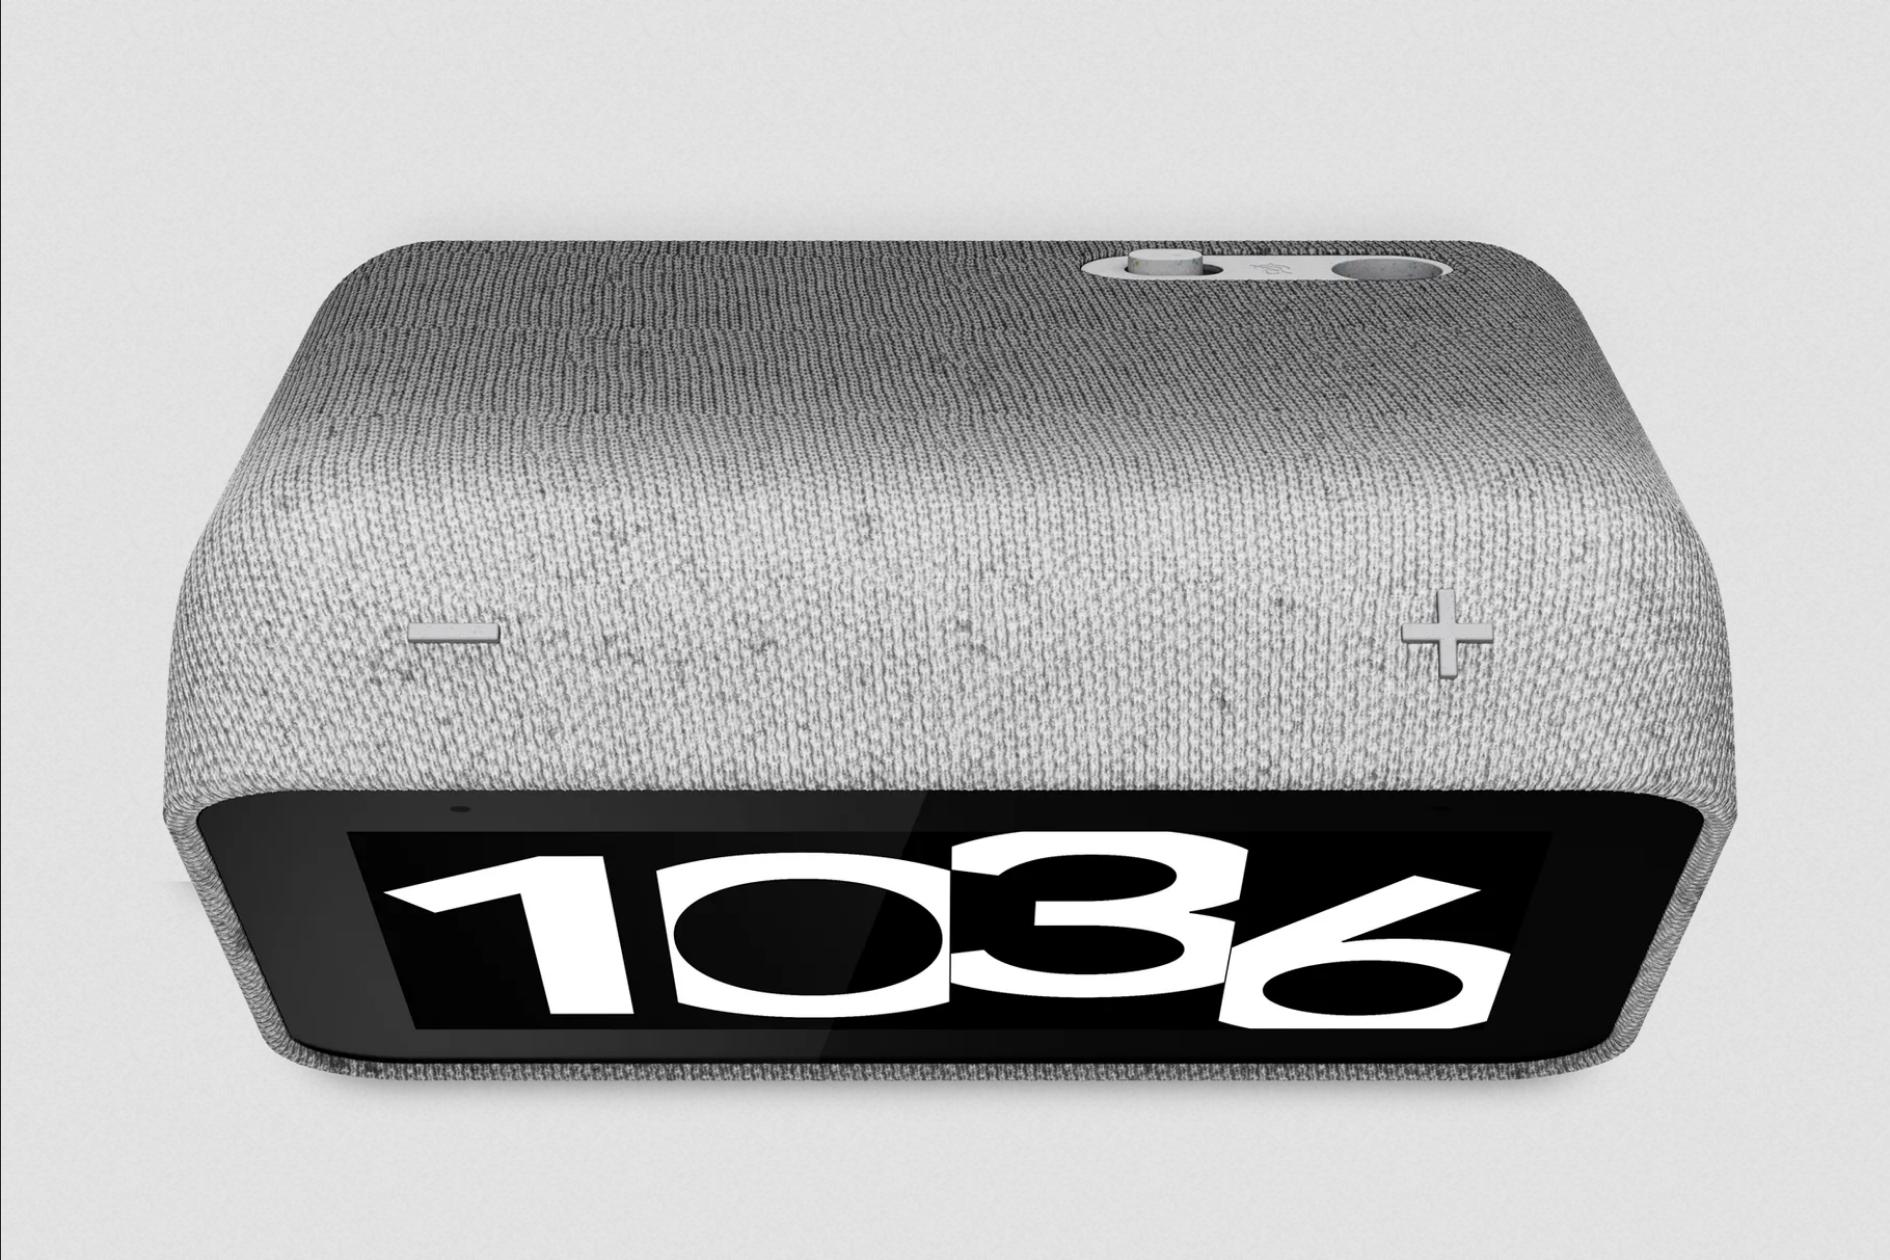 联想发布新款智能闹钟产品Smart Clock 2-第1张图片-IT新视野